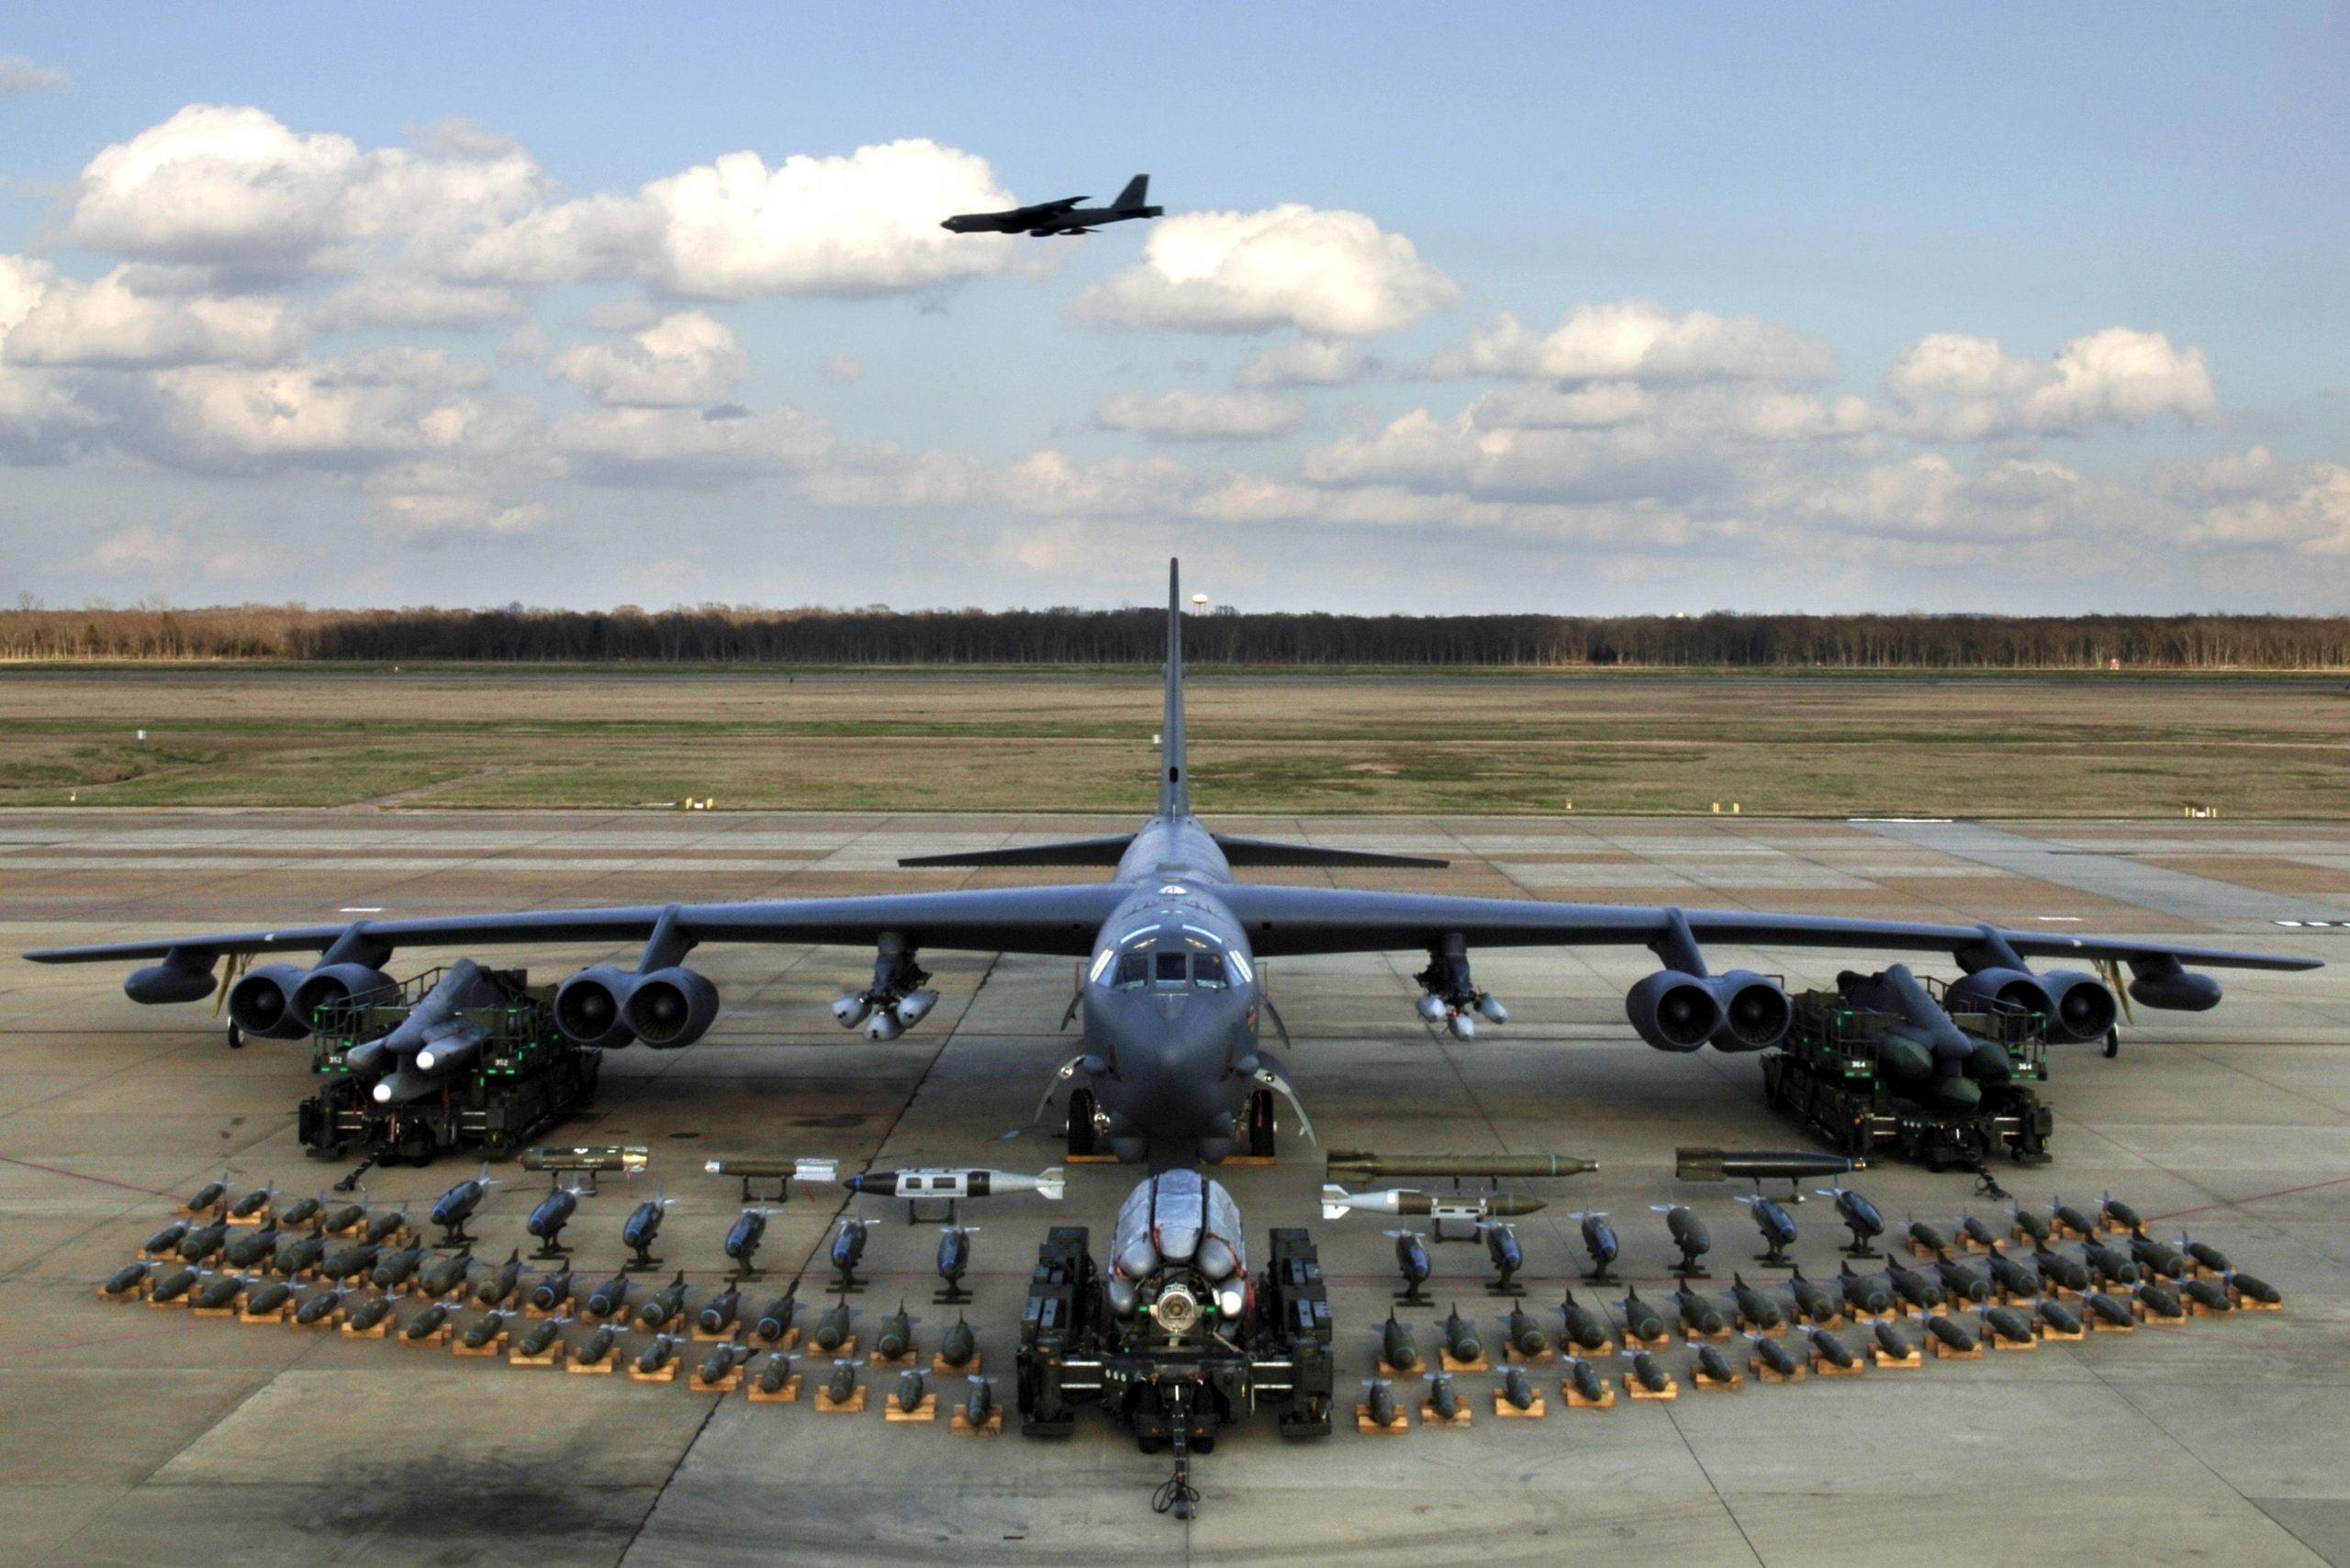 Οι ΗΠΑ δοκιμάζουν την ικανότητα του B-52 να μεταφέρει υπερηχητικό πύραυλο ARRW